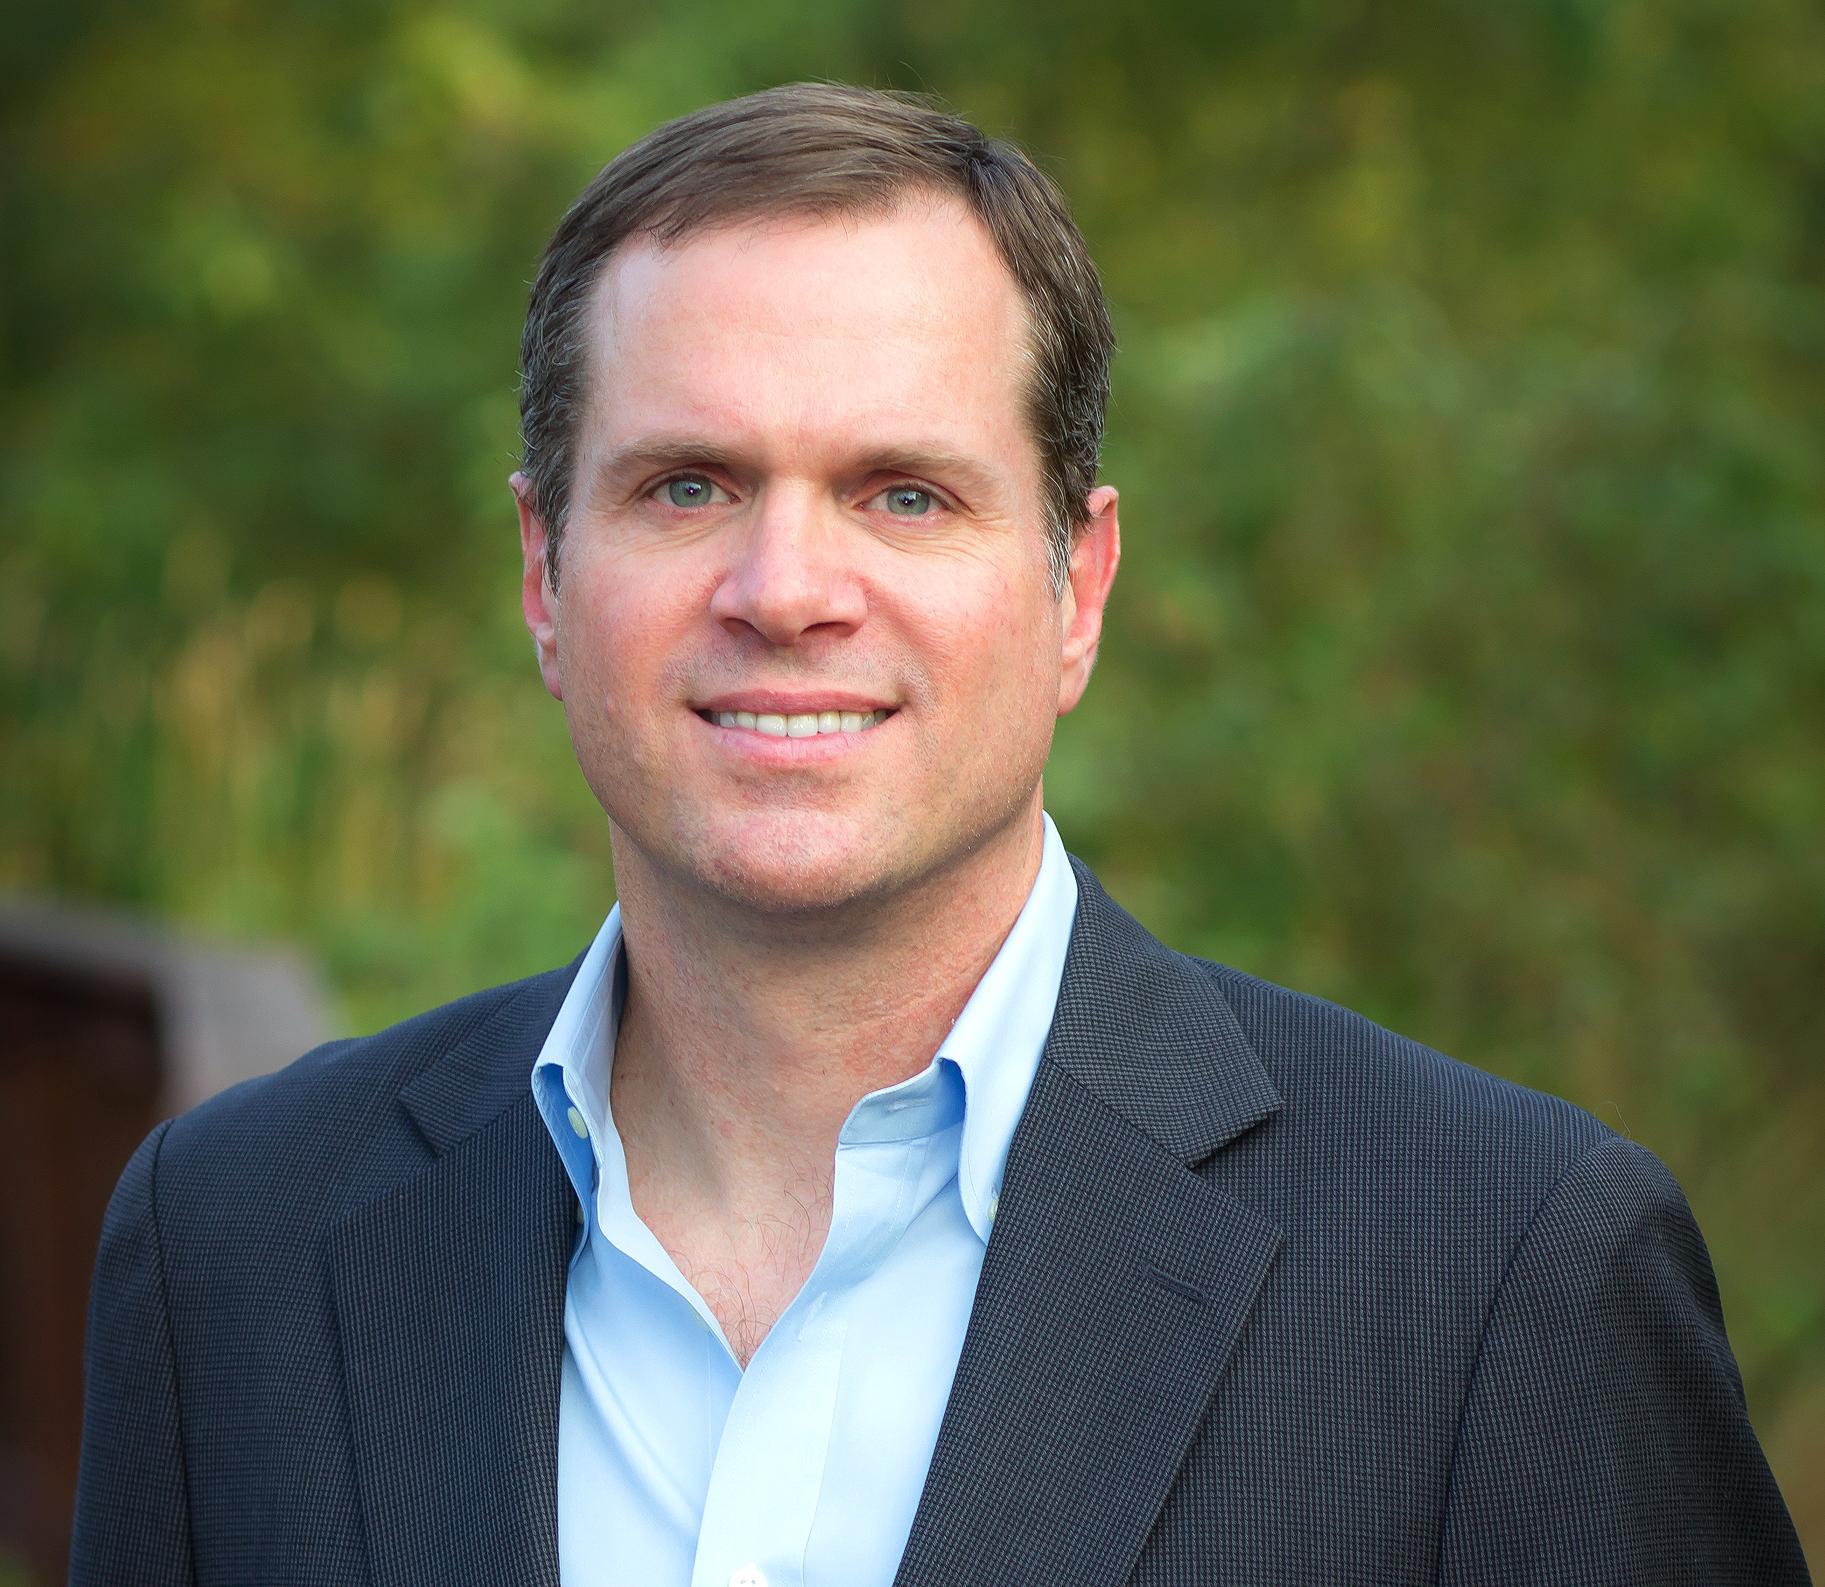 Jason Boyce, Founder and CEO